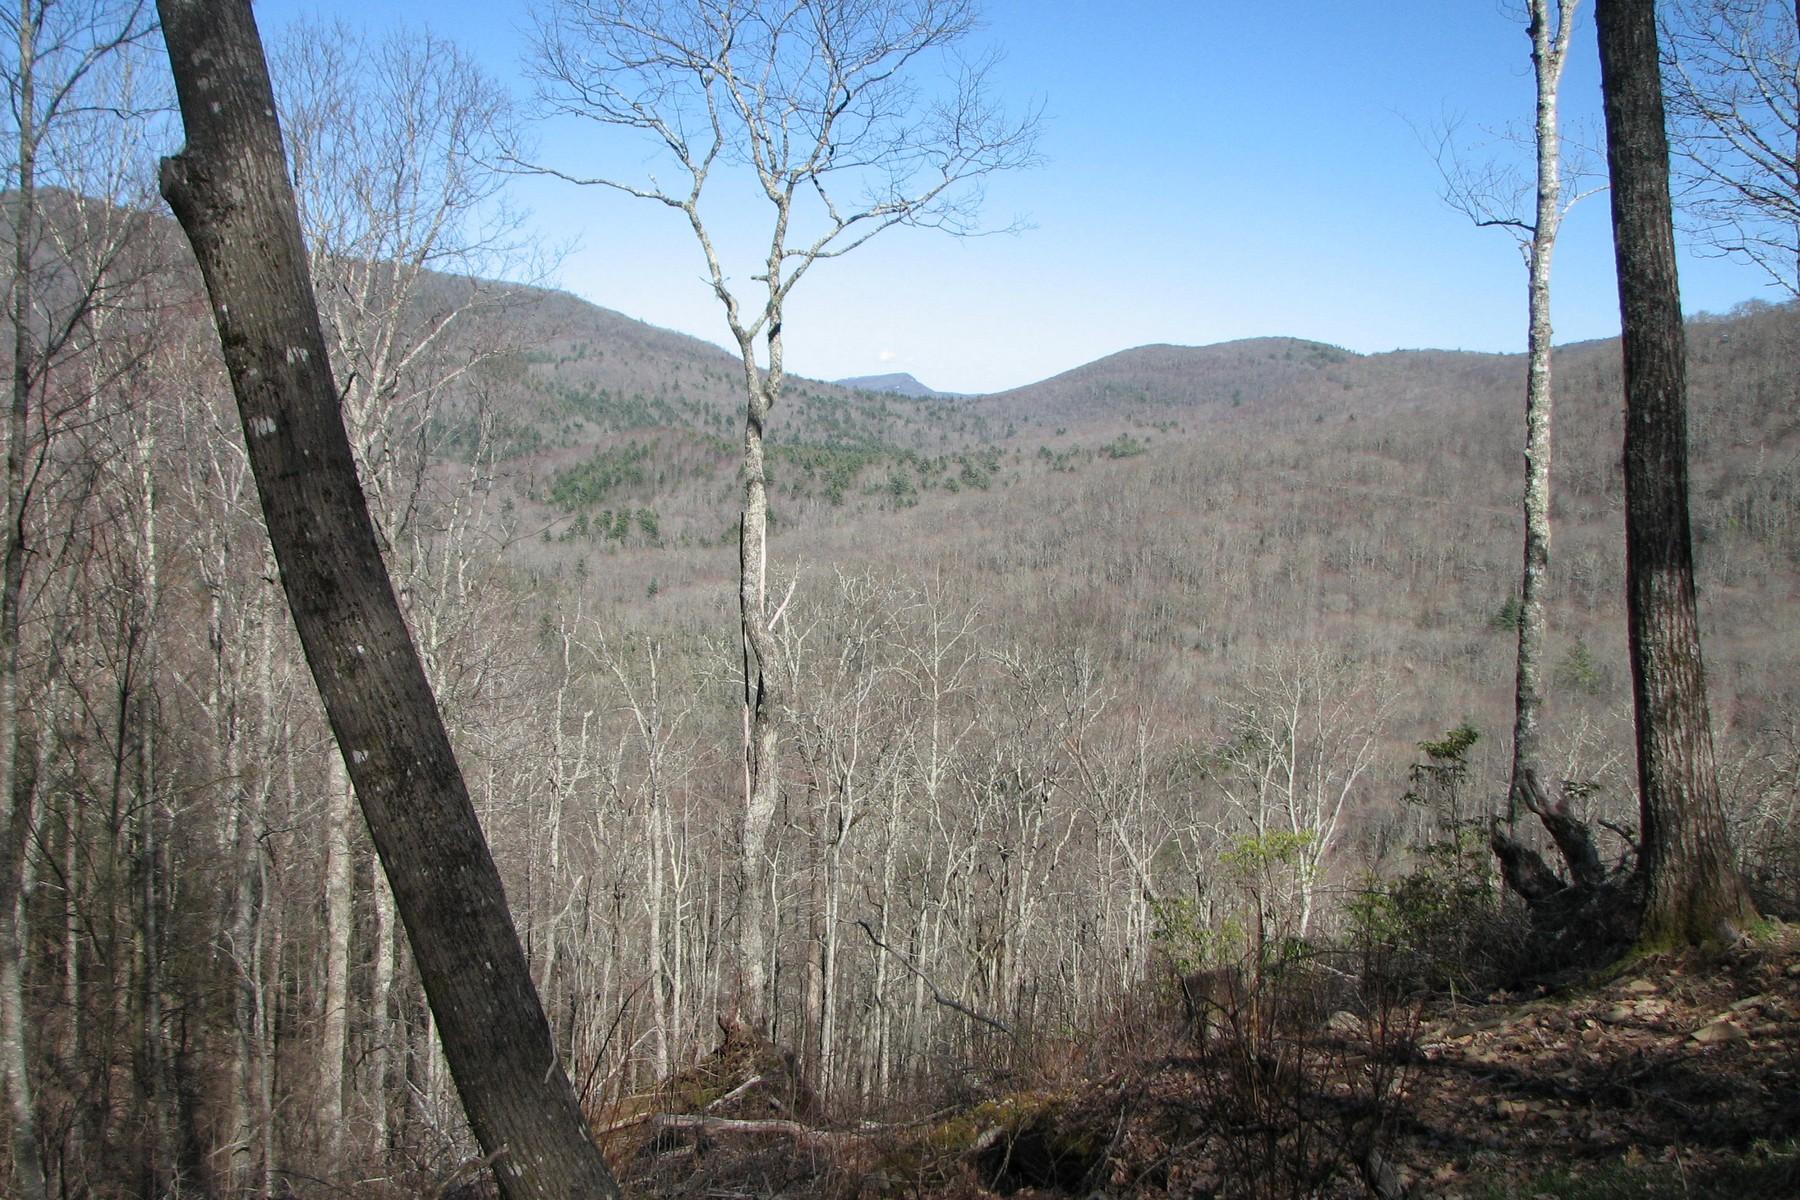 Land for Sale at The Ridges of Highlands Lot 7 Historic Highlands Drive Highlands, North Carolina, 28741 United States